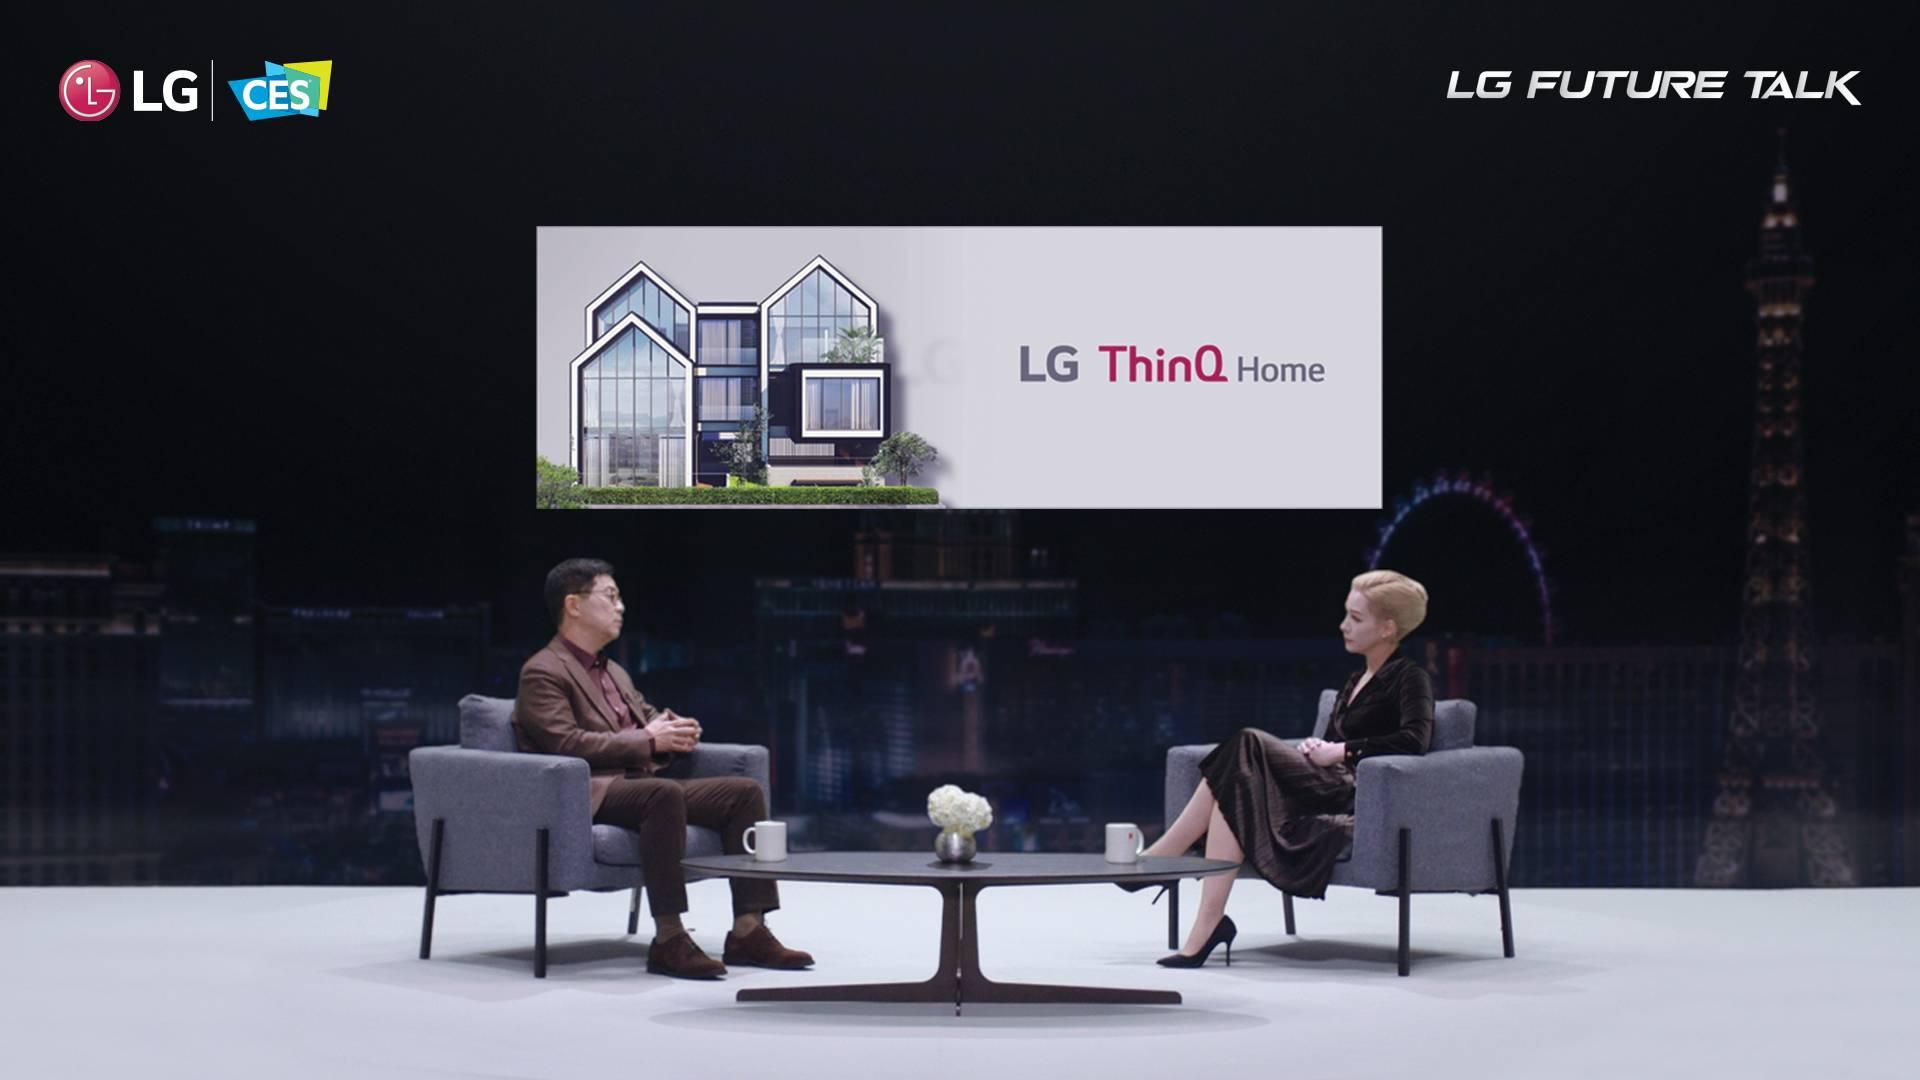 LG провел виртуальную дискуссию «Разговора о будущем»